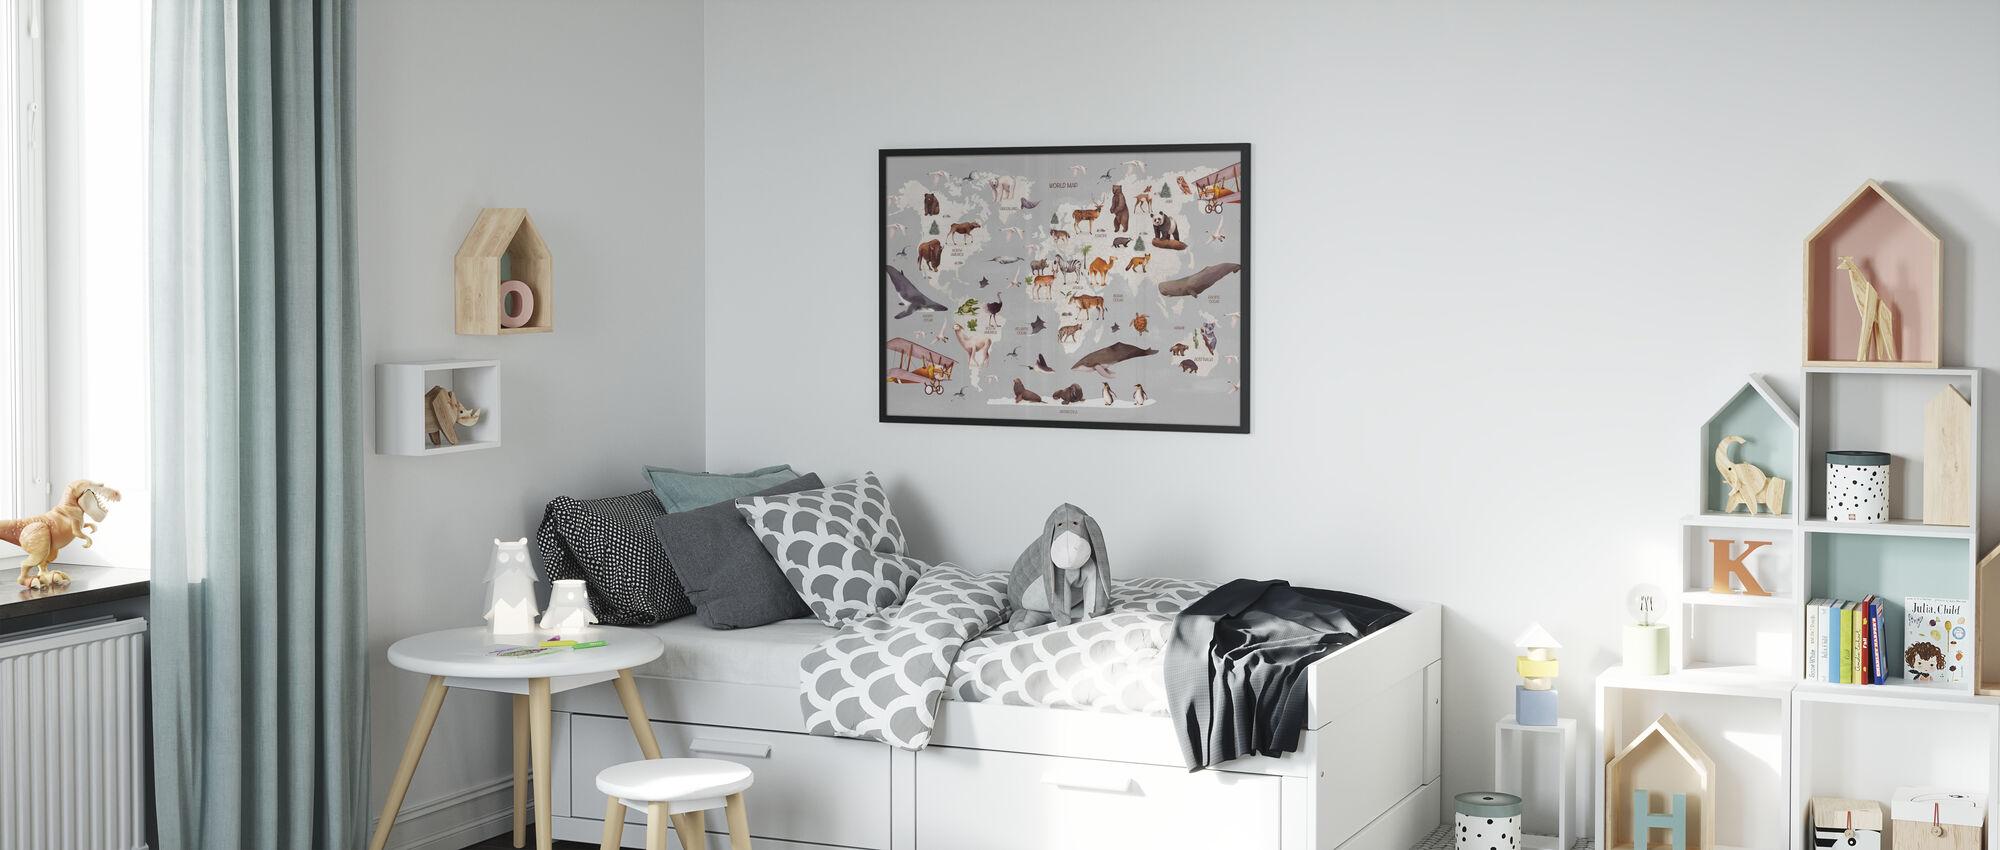 Mappa del mondo degli animali - Stampa incorniciata - Camera dei bambini